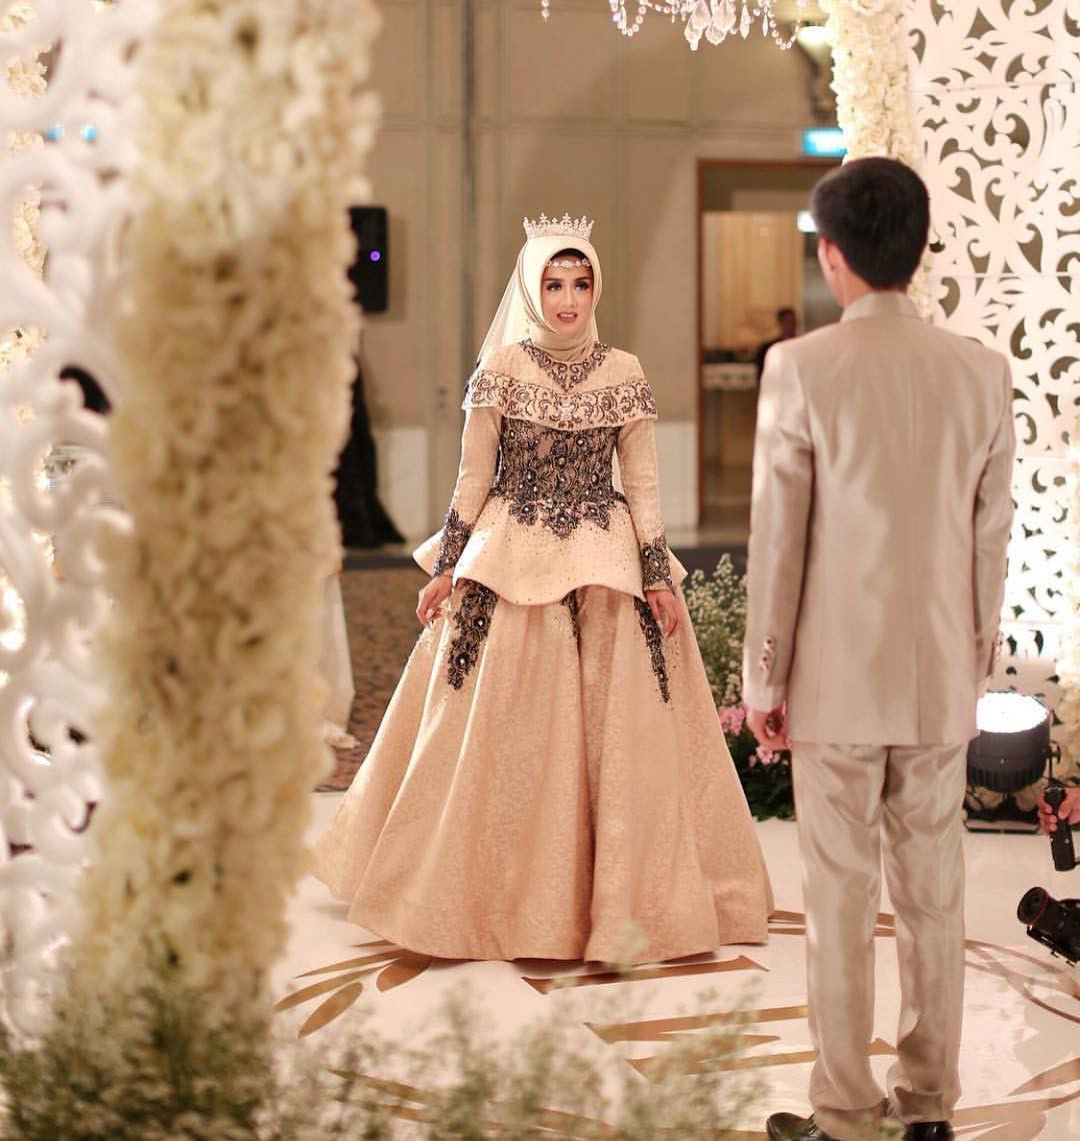 Gaun Pengantin Muslimah Simple Tapi Elegan Fresh Gaun Pengantin Muslimah Simple Tapi Elegan Malaysia